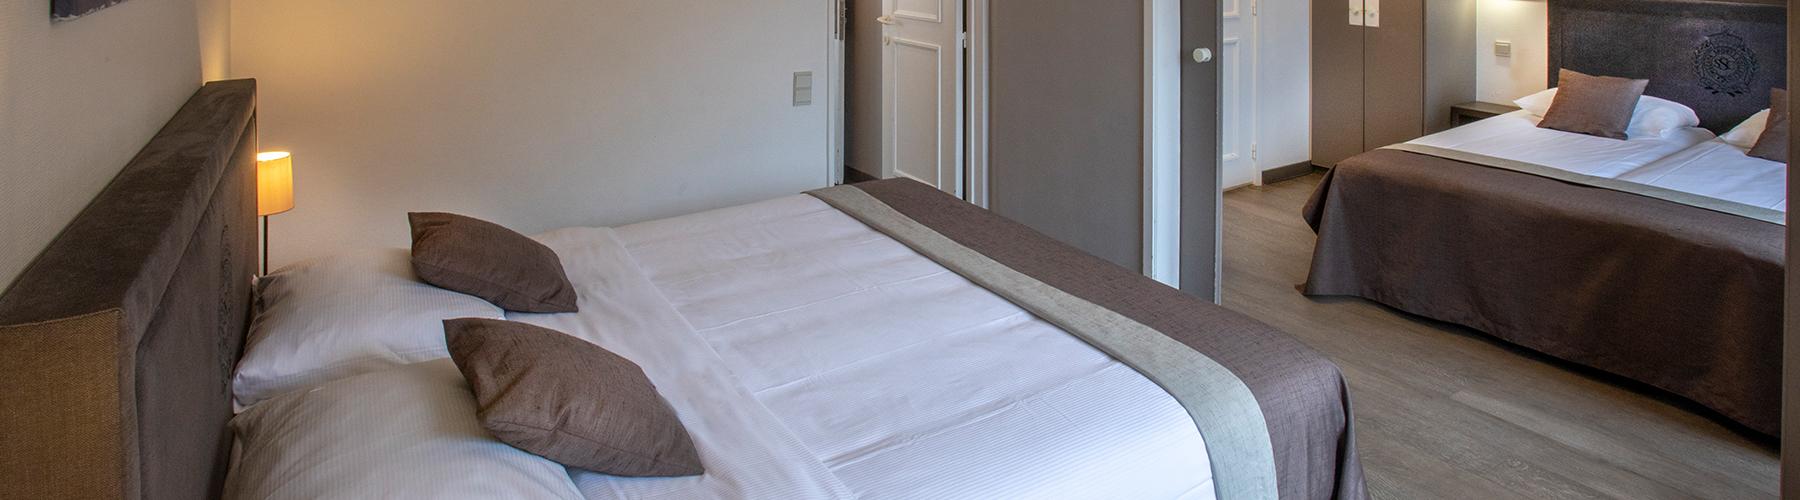 Superior familiekamer Hotel St Pol Knokke